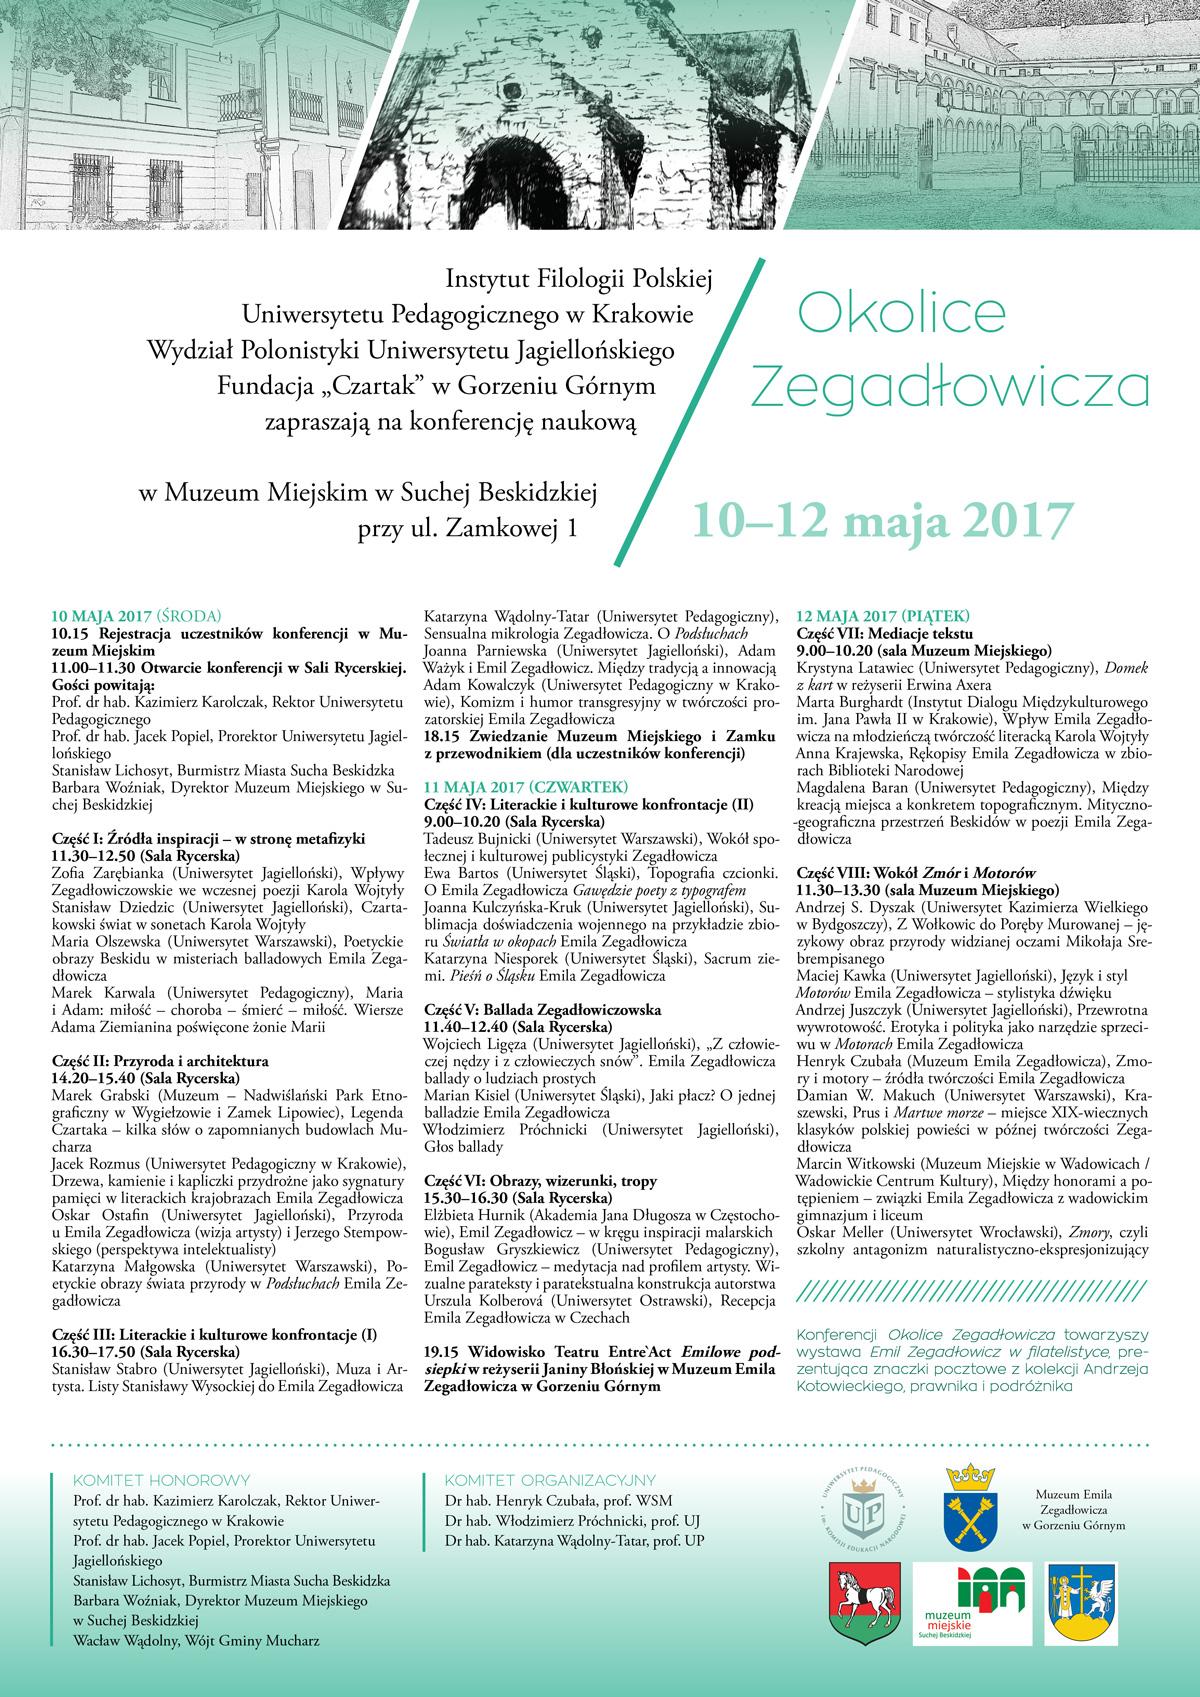 Konferencja Naukowa Okolice Zegadłowicza Uniwersytet